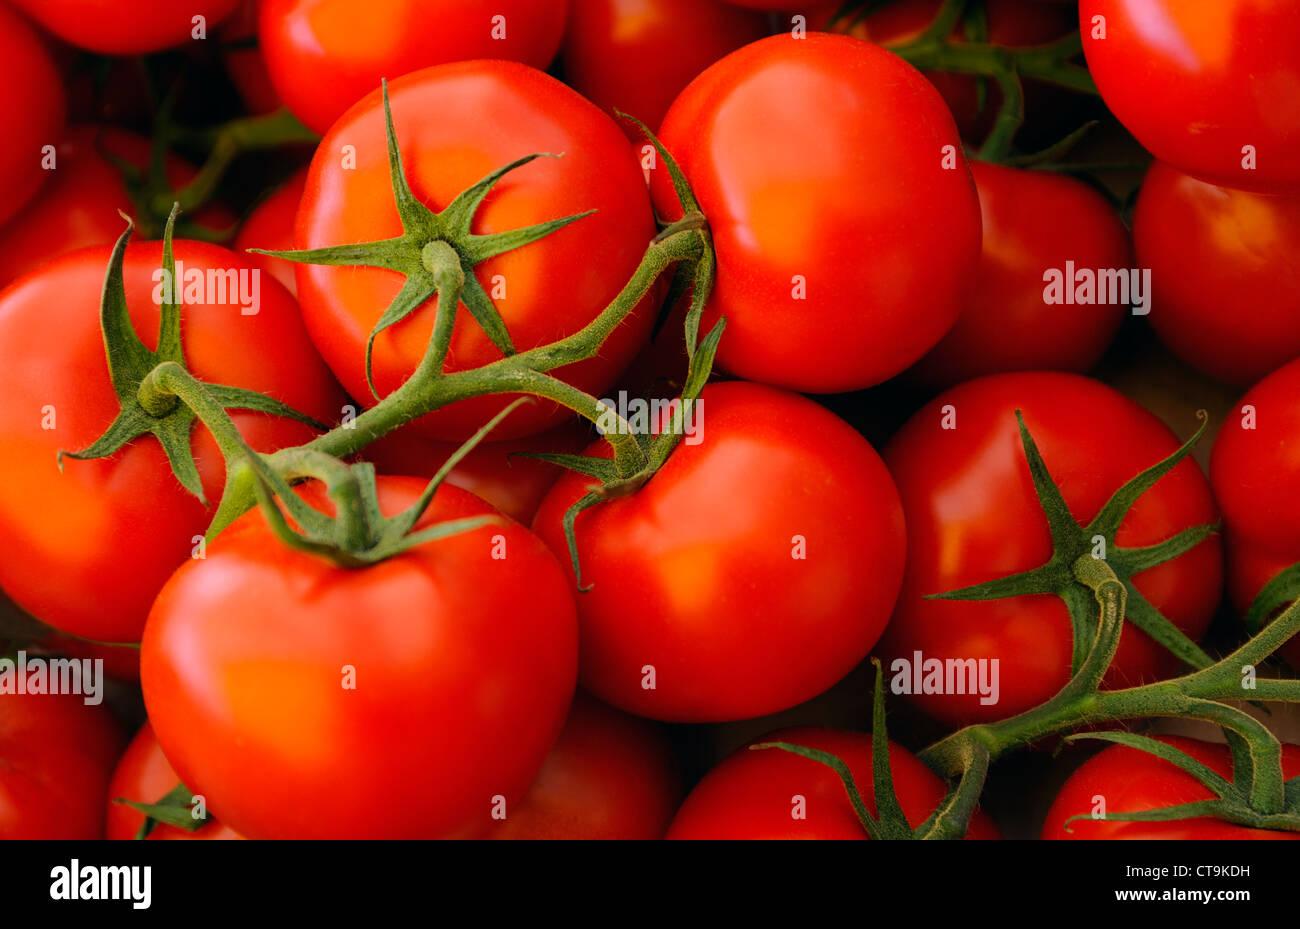 Pomodori freschi sulla vite in un mercato francese Immagini Stock